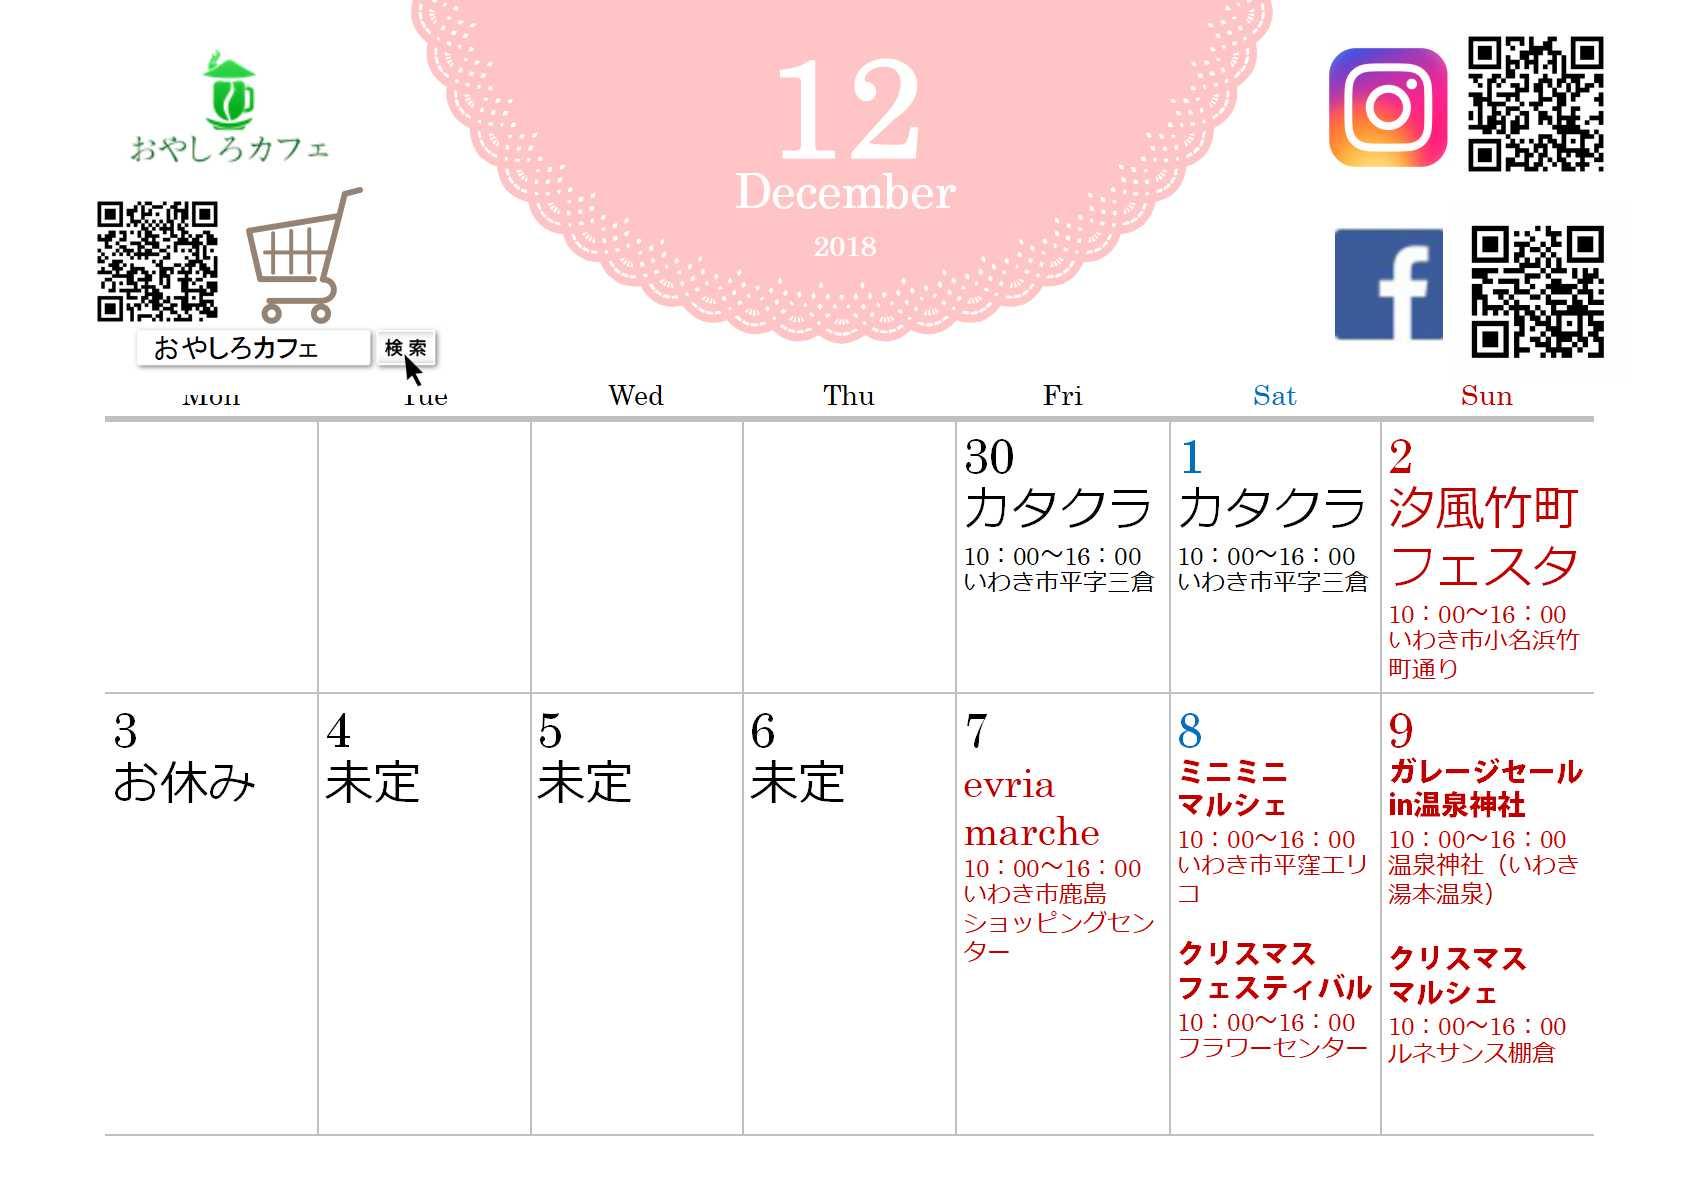 12月の出店情報